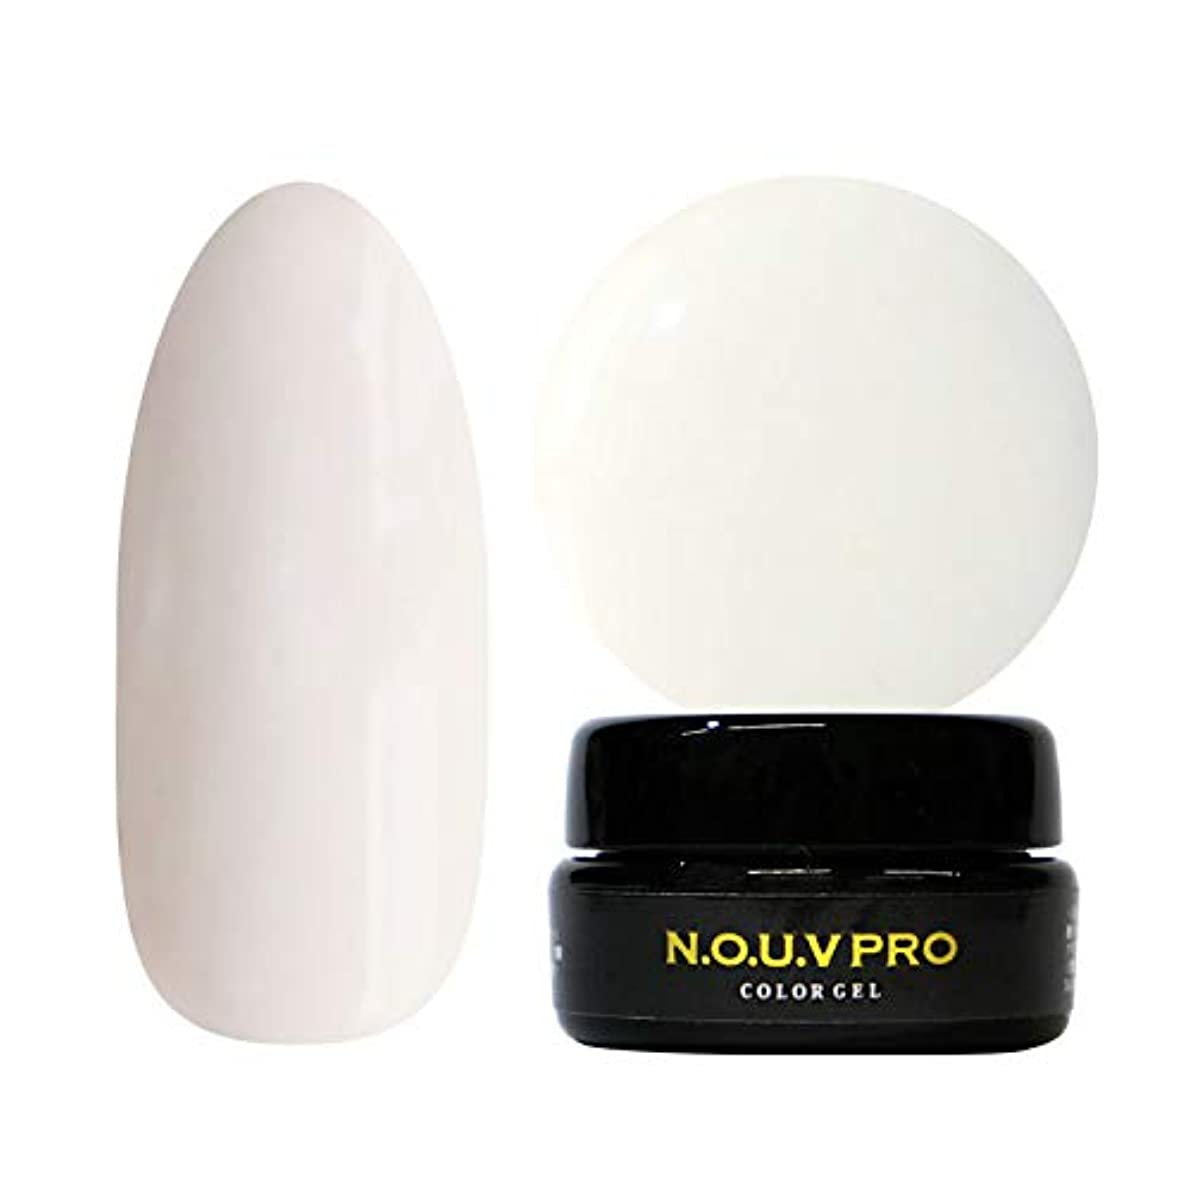 ハーネス利用可能信頼性NOUV Pro ノーヴプロ ジェルネイル カラージェル S02 ソフトペールホワイト 4g